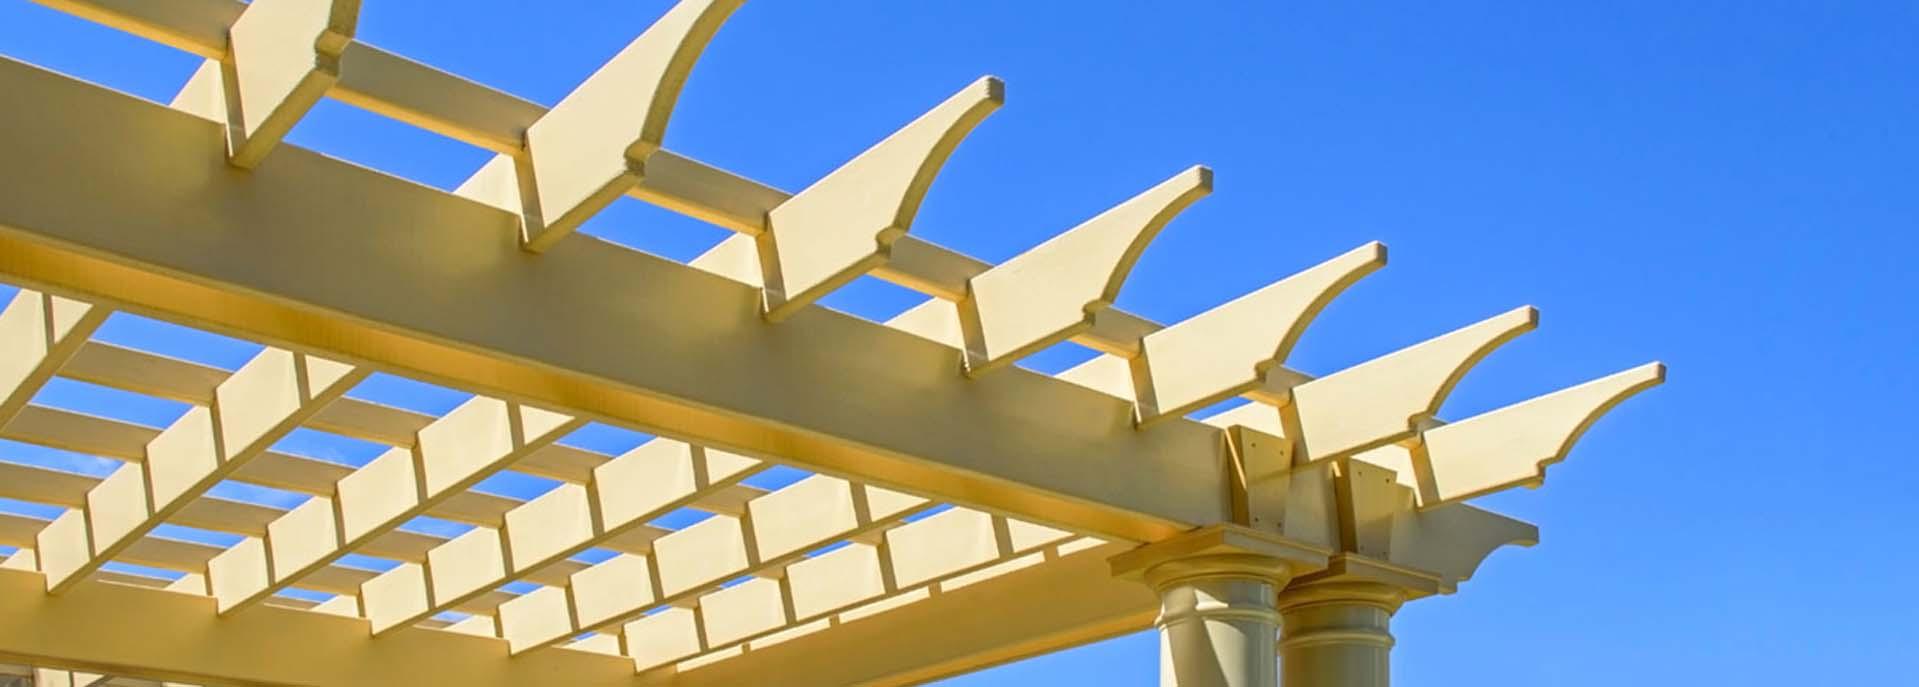 Yellow Cedar Deck Ceiling - Canadian Wood